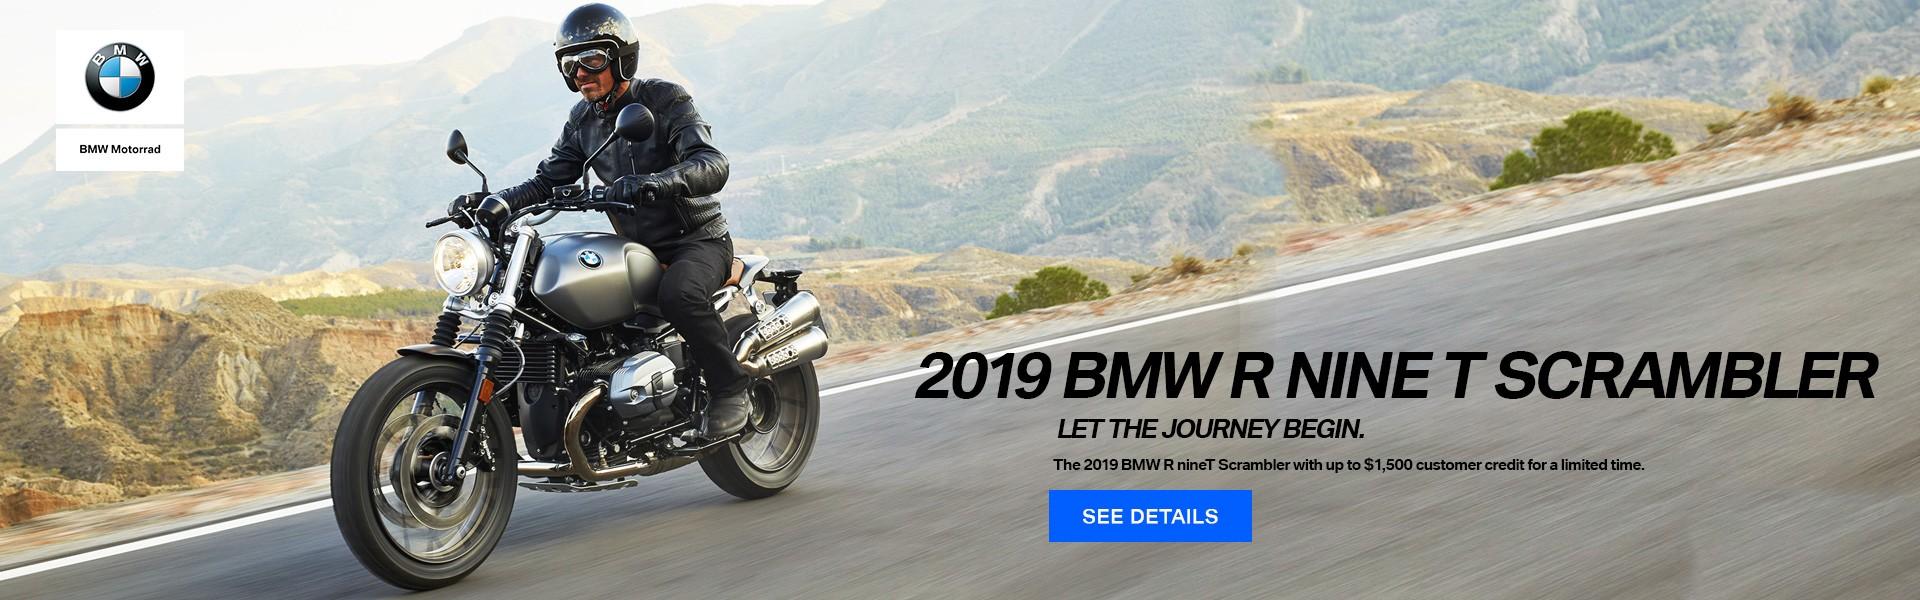 2019 BMW R NINET SCRAMBLER